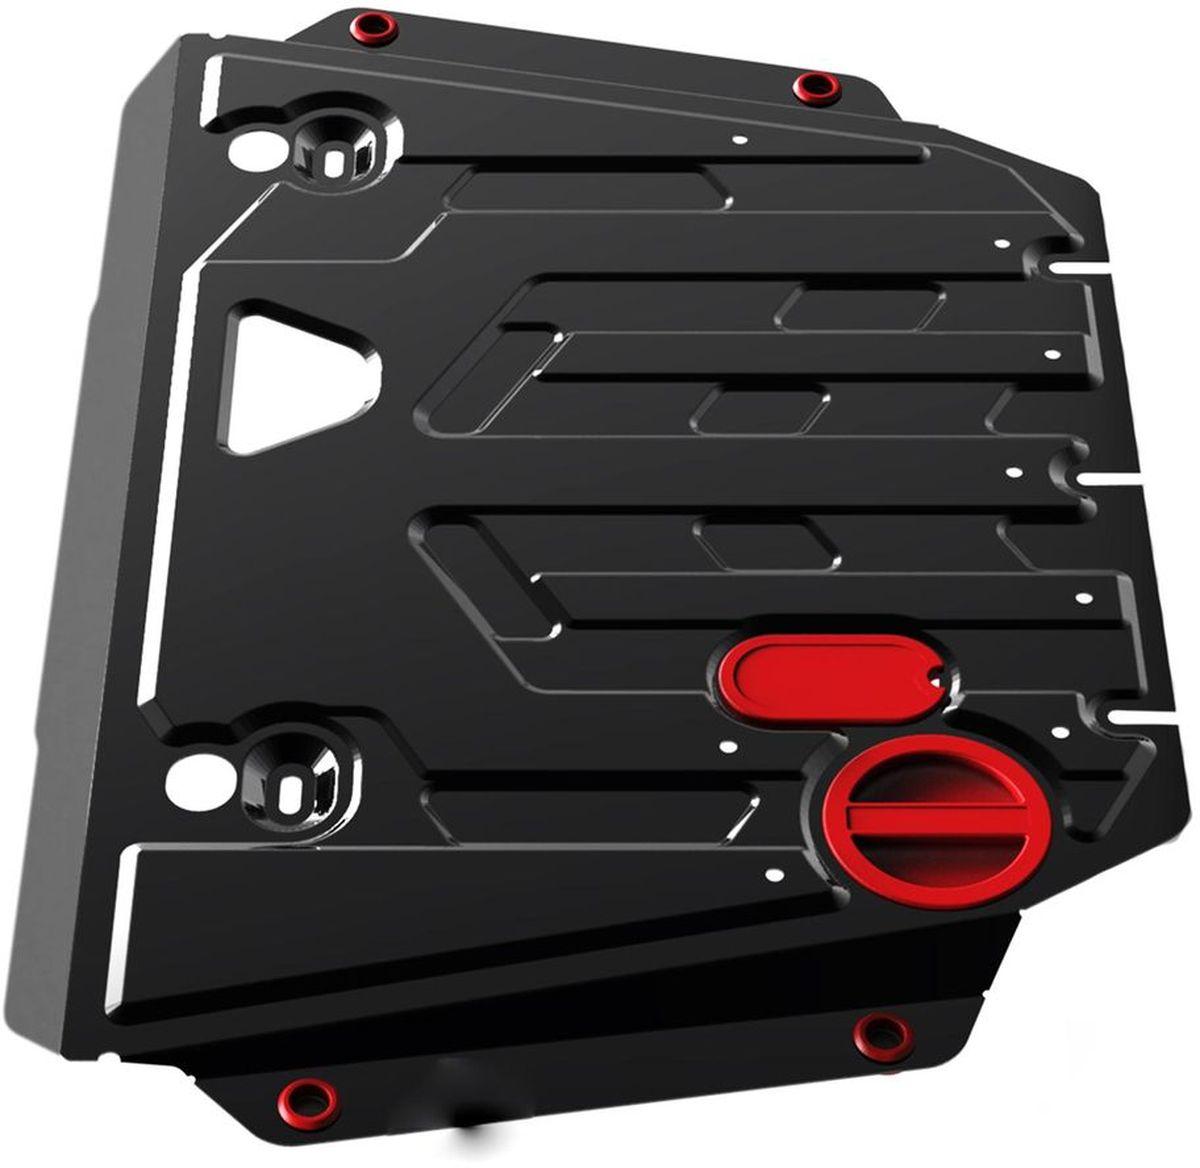 Защита картера и КПП Автоброня, для Geely MK /Geely MK Cross/Gelly GC6, V - 1,5 (2008-, 2011-, 2014-)111.01912.1Технологически совершенный продукт за невысокую стоимость. Защита разработана с учетом особенностей днища автомобиля, что позволяет сохранить дорожный просвет с минимальным изменением. Защита устанавливается в штатные места кузова автомобиля. Глубокий штамп обеспечивает до двух раз больше жесткости в сравнении с обычной защитой той же толщины. Проштампованные ребра жесткости препятствуют деформации защиты при ударах. Тепловой зазор и вентиляционные отверстия обеспечивают сохранение температурного режима двигателя в норме. Скрытый крепеж предотвращает срыв крепежных элементов при наезде на препятствие. Шумопоглощающие резиновые элементы обеспечивают комфортную езду без вибраций и скрежета металла, а съемные лючки для слива масла и замены фильтра - экономию средств и время. Конструкция изделия не влияет на пассивную безопасность автомобиля (при ударе защита не воздействует на деформационные зоны кузова). Со штатным крепежом. В комплекте инструкция по установке....